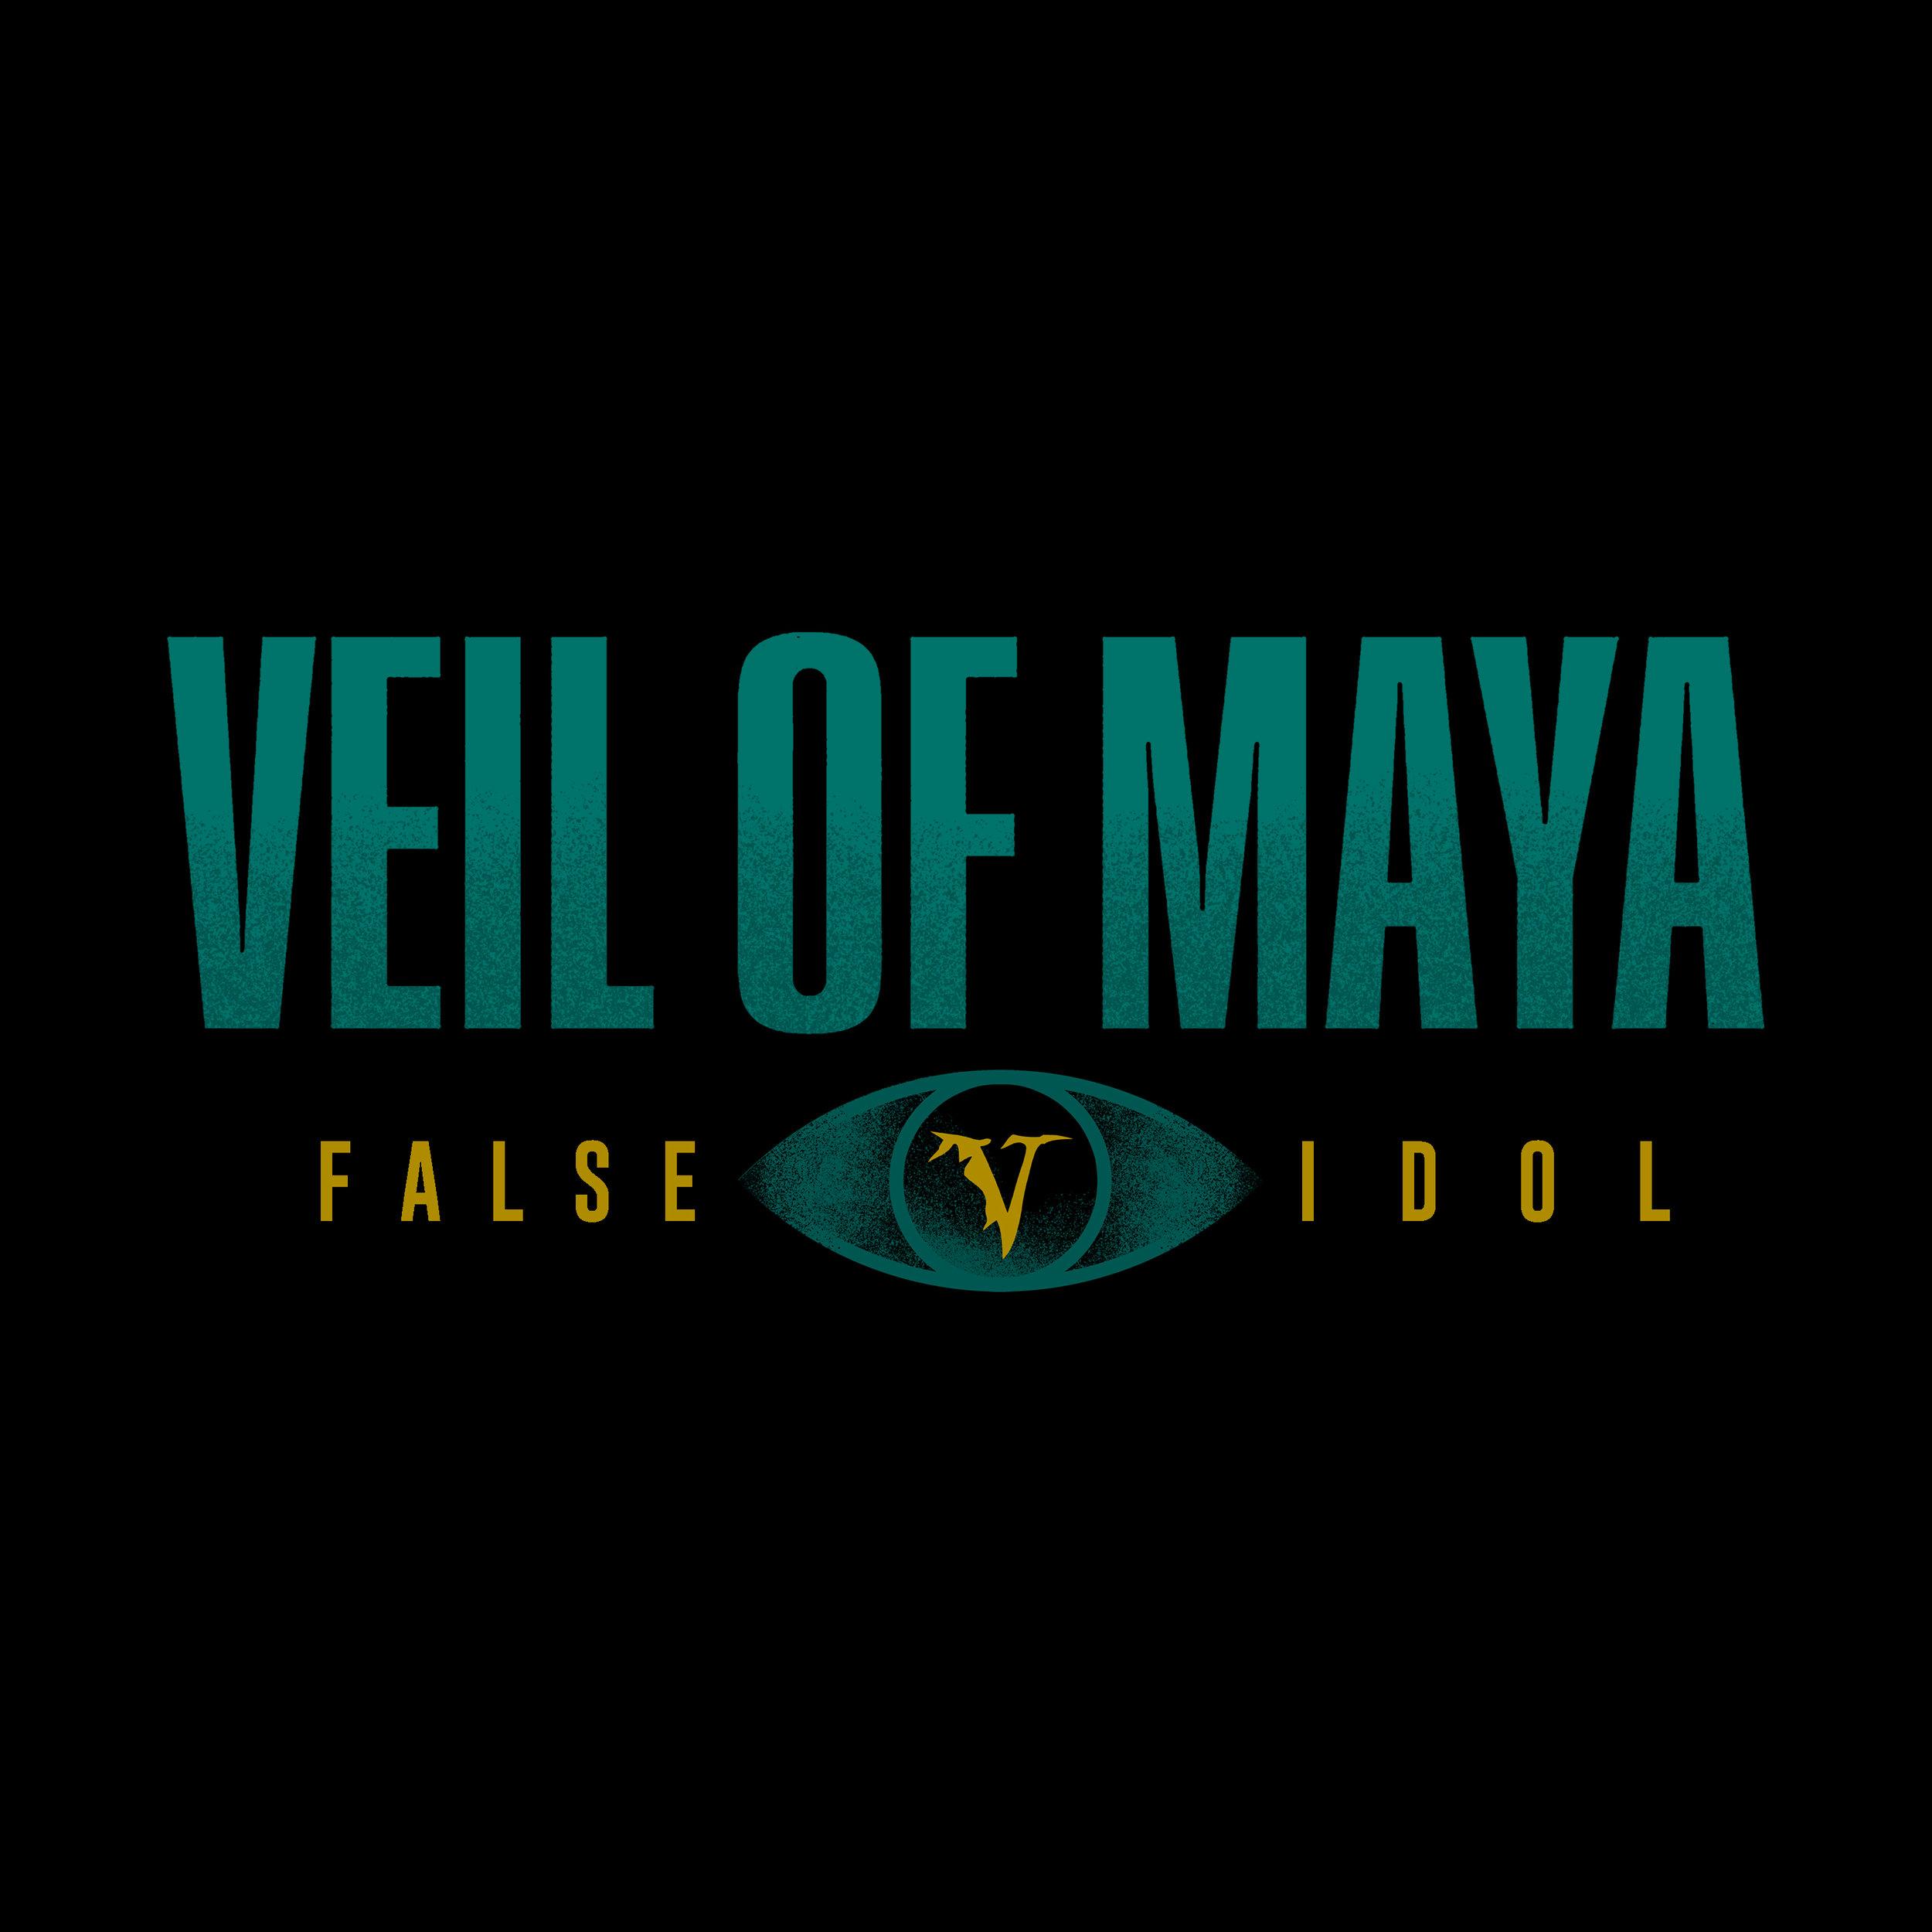 VeilofMaya-Eye-Proof-2.jpg